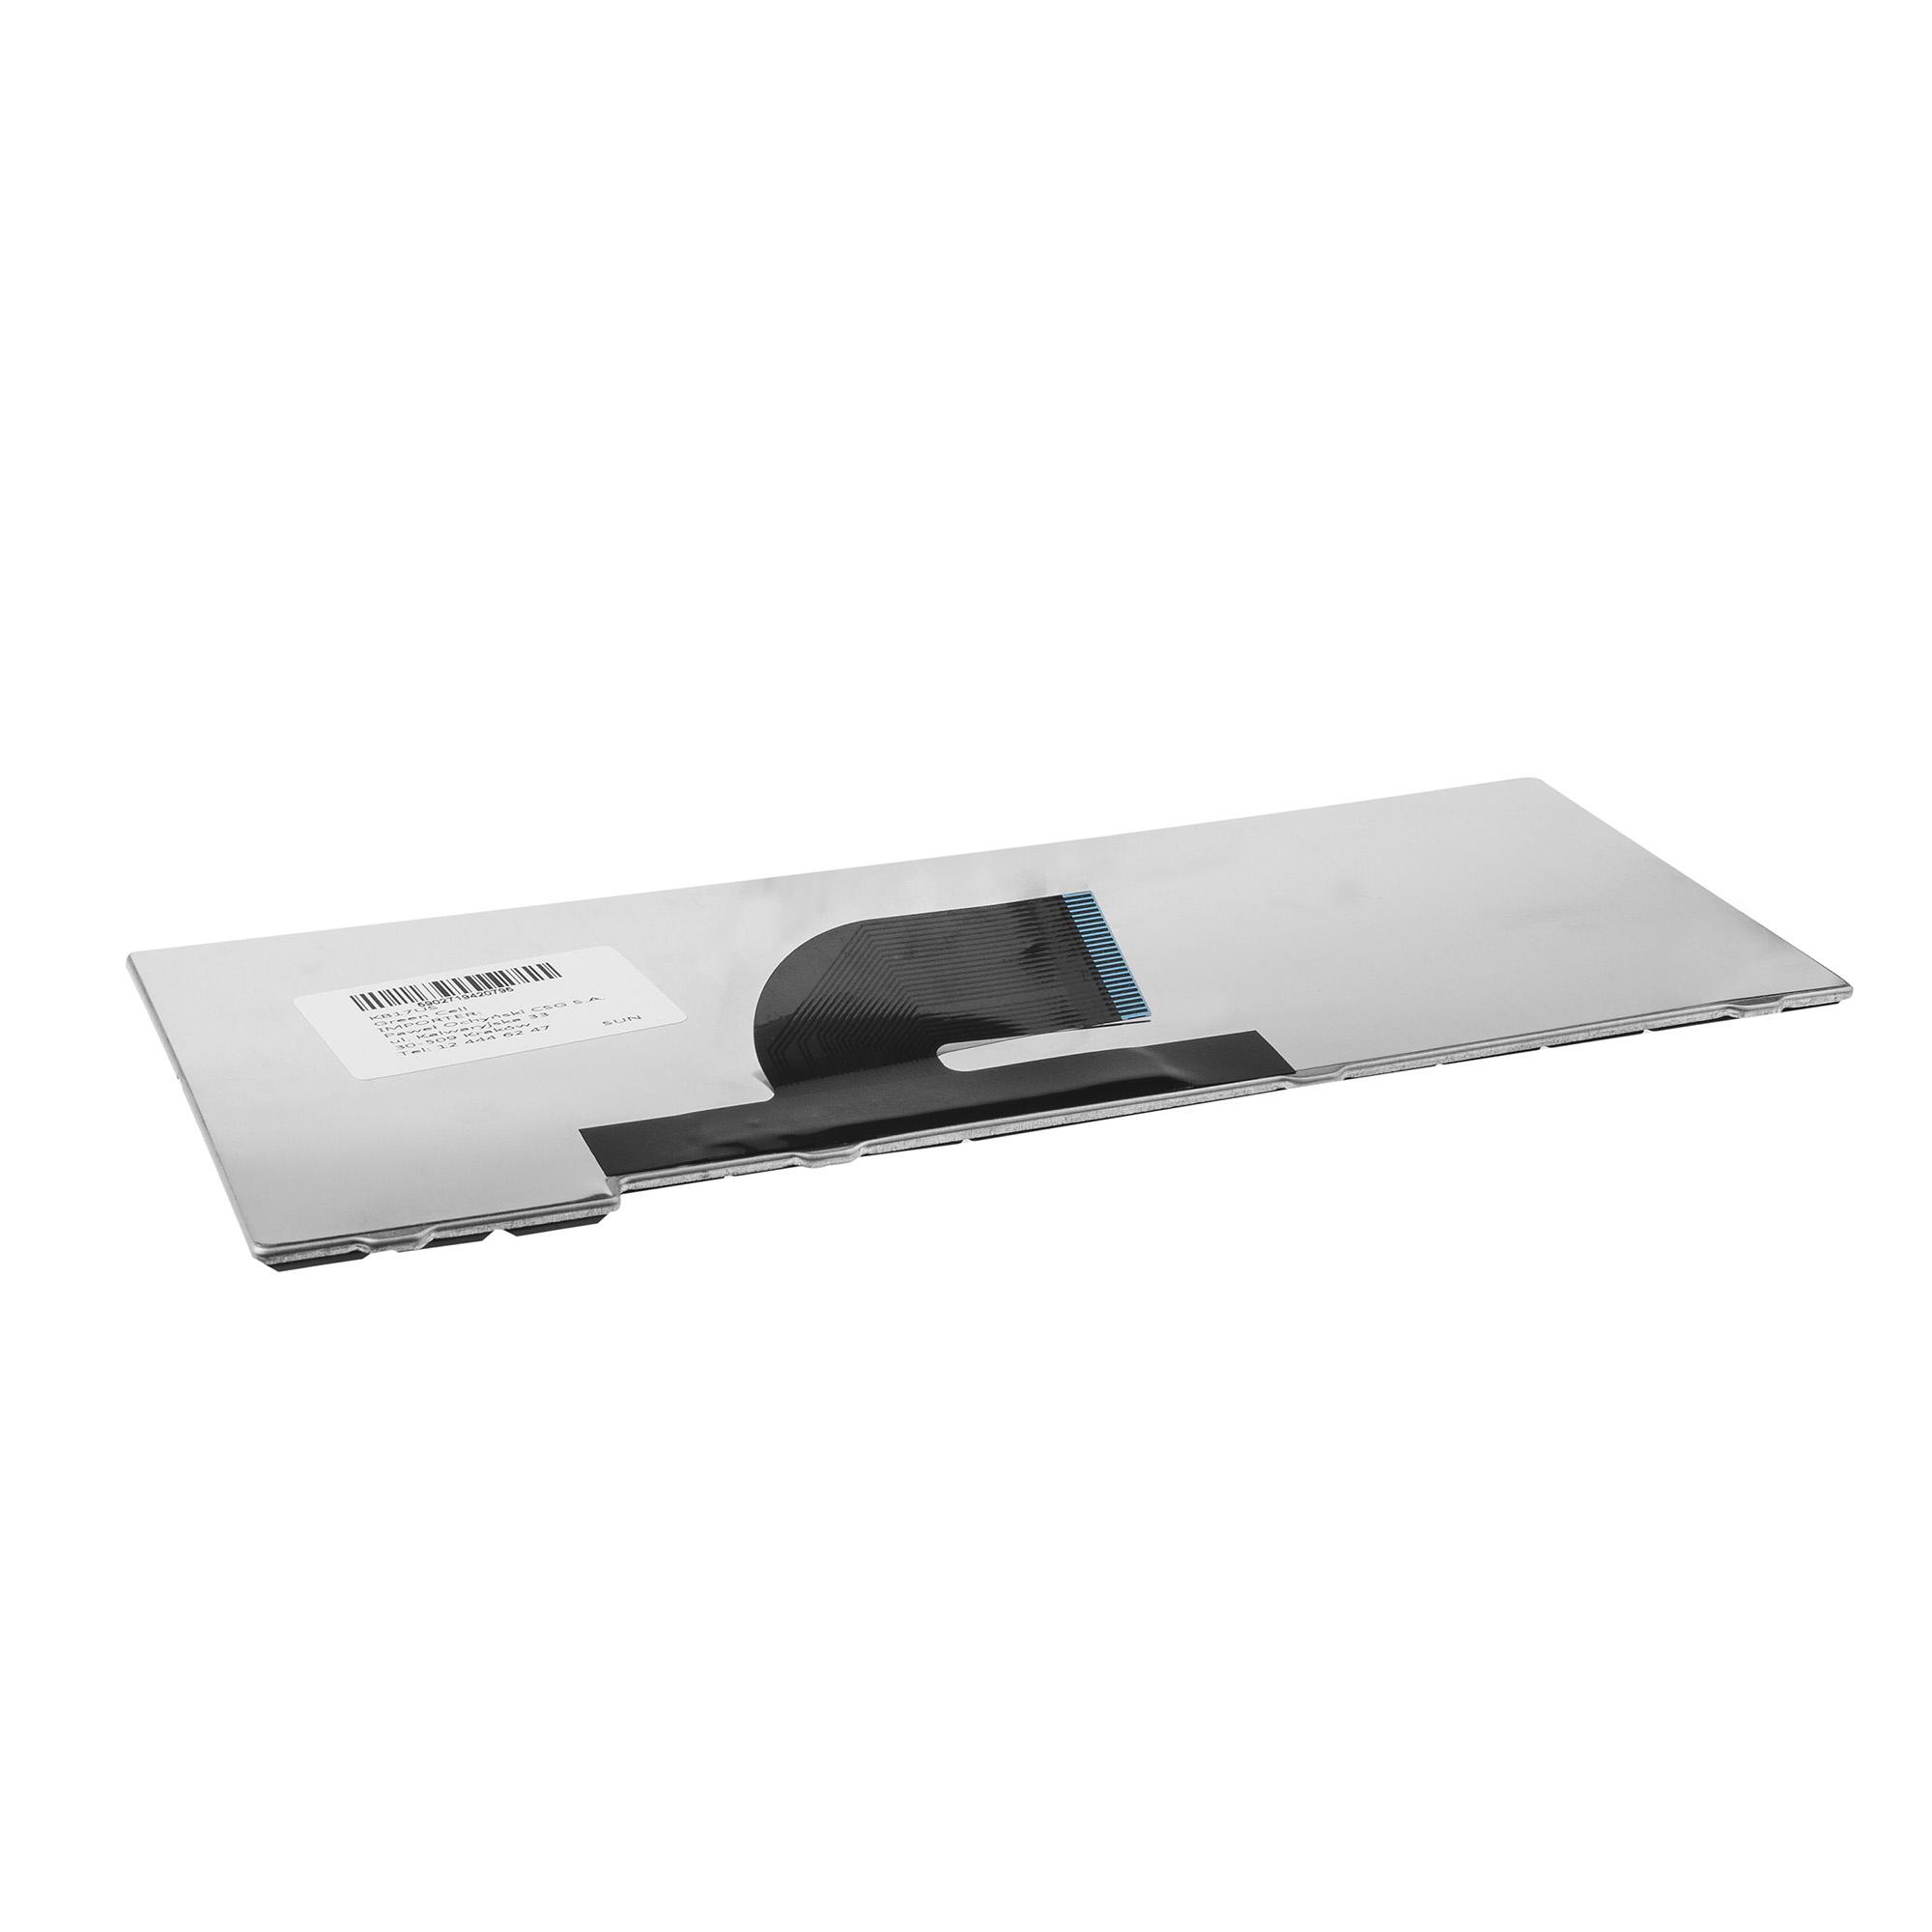 Laptop Tastatur Fur Acer Aspire One A150L P531H A110L ZG8